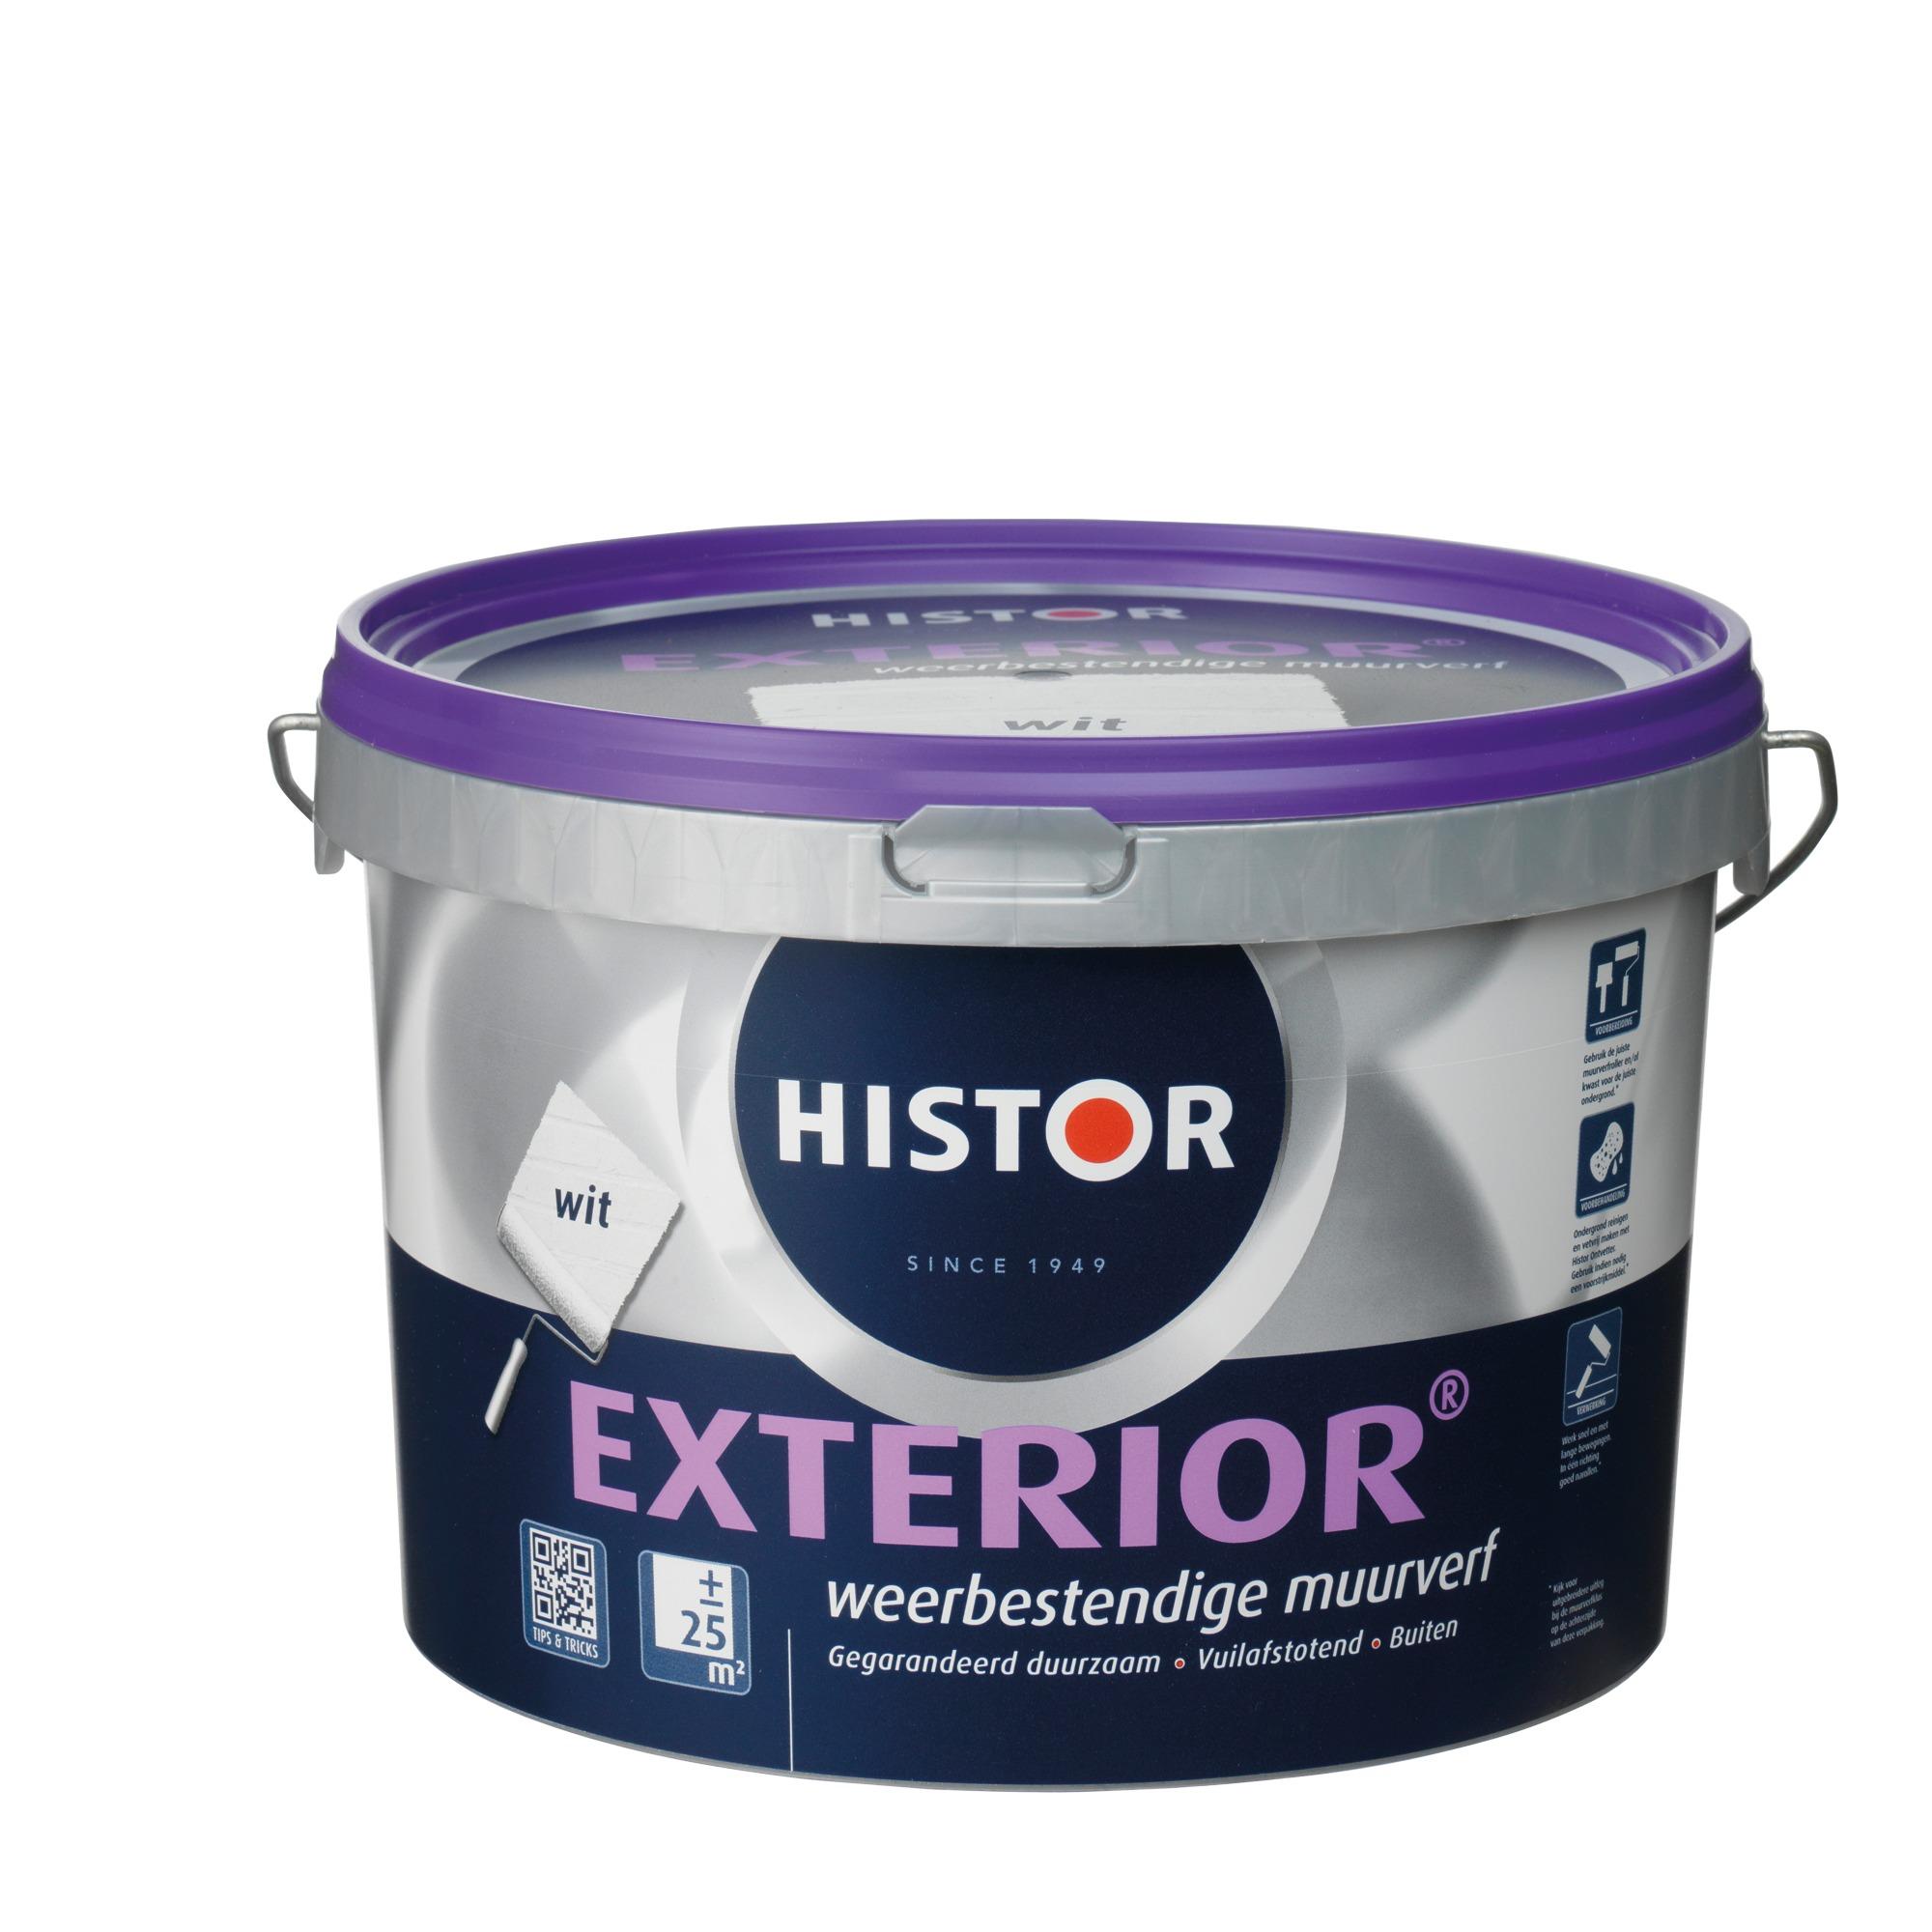 Histor Exterior 6400 2,5 l